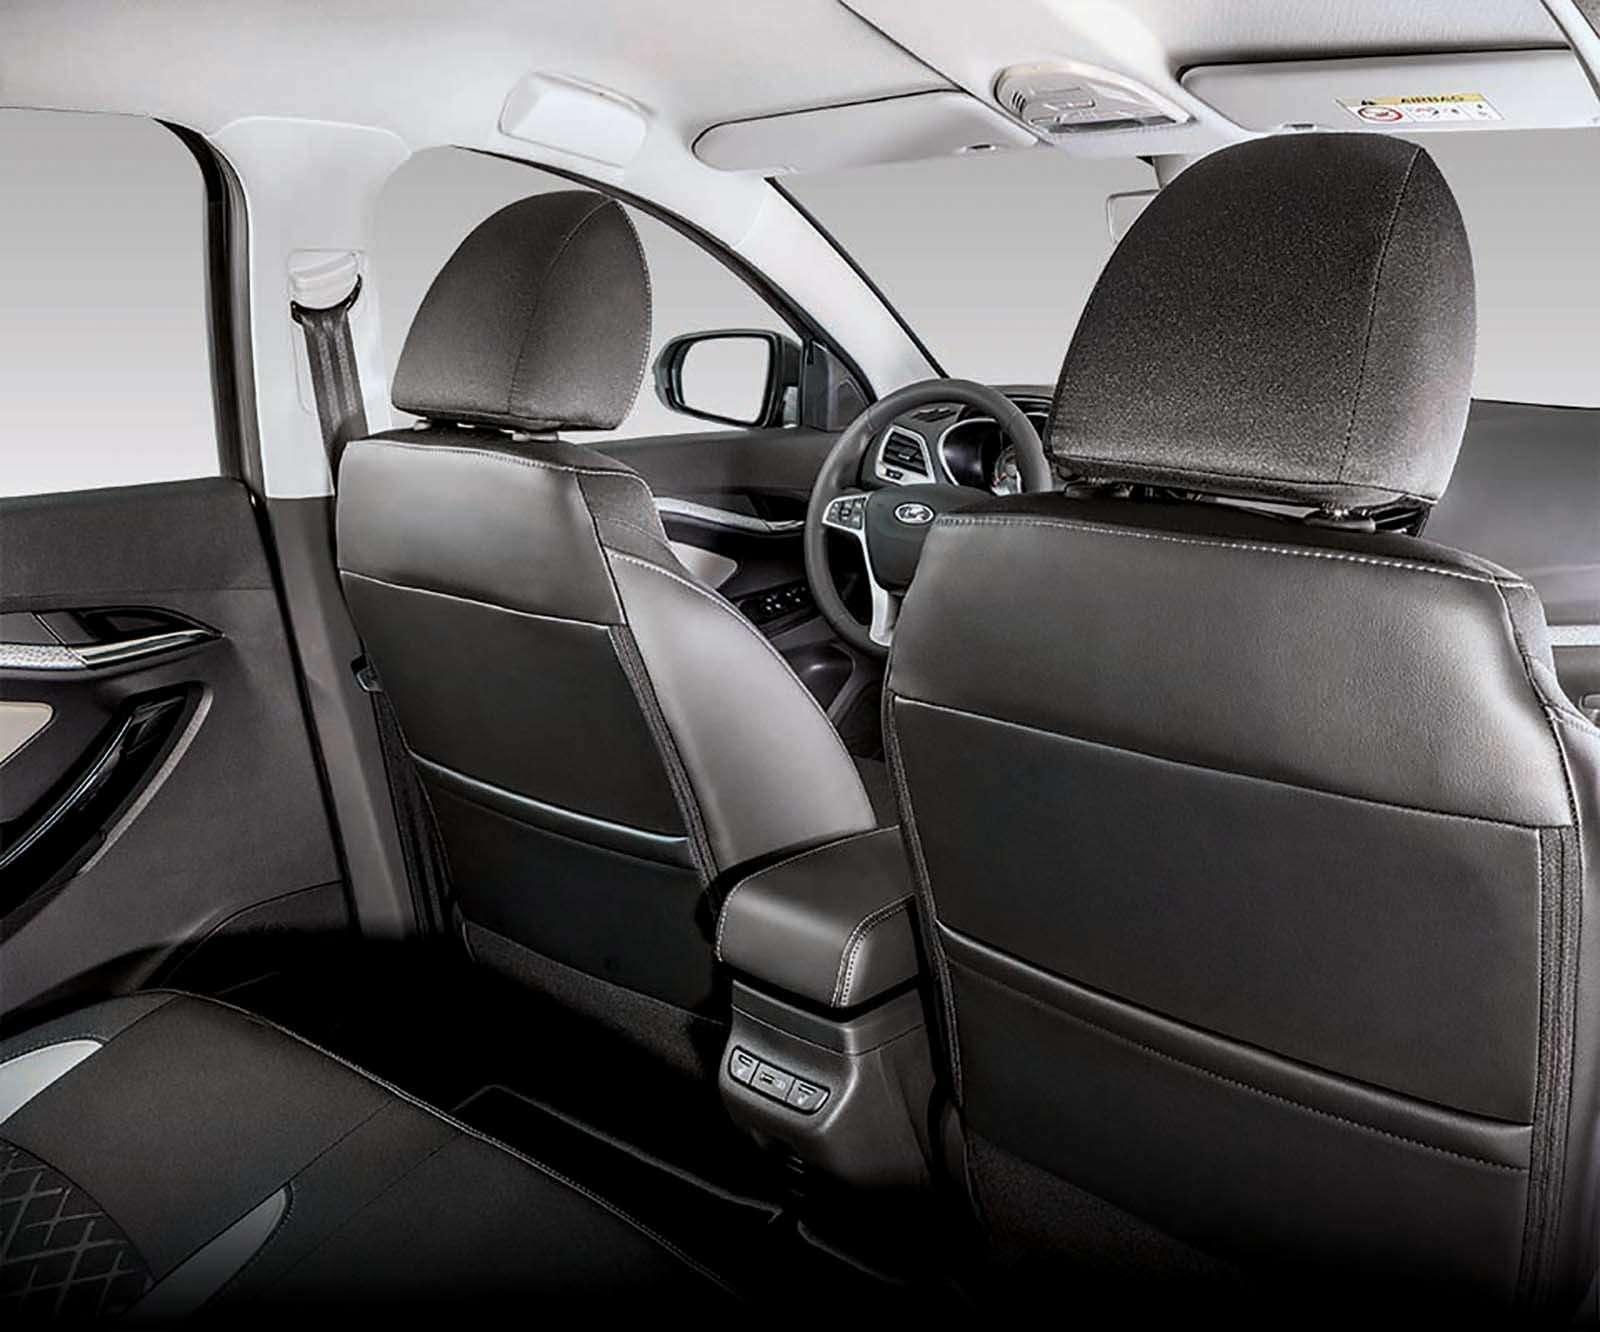 Седан Lada Vesta Cross: производство началось. Когда его ждать впродаже?— фото 863365